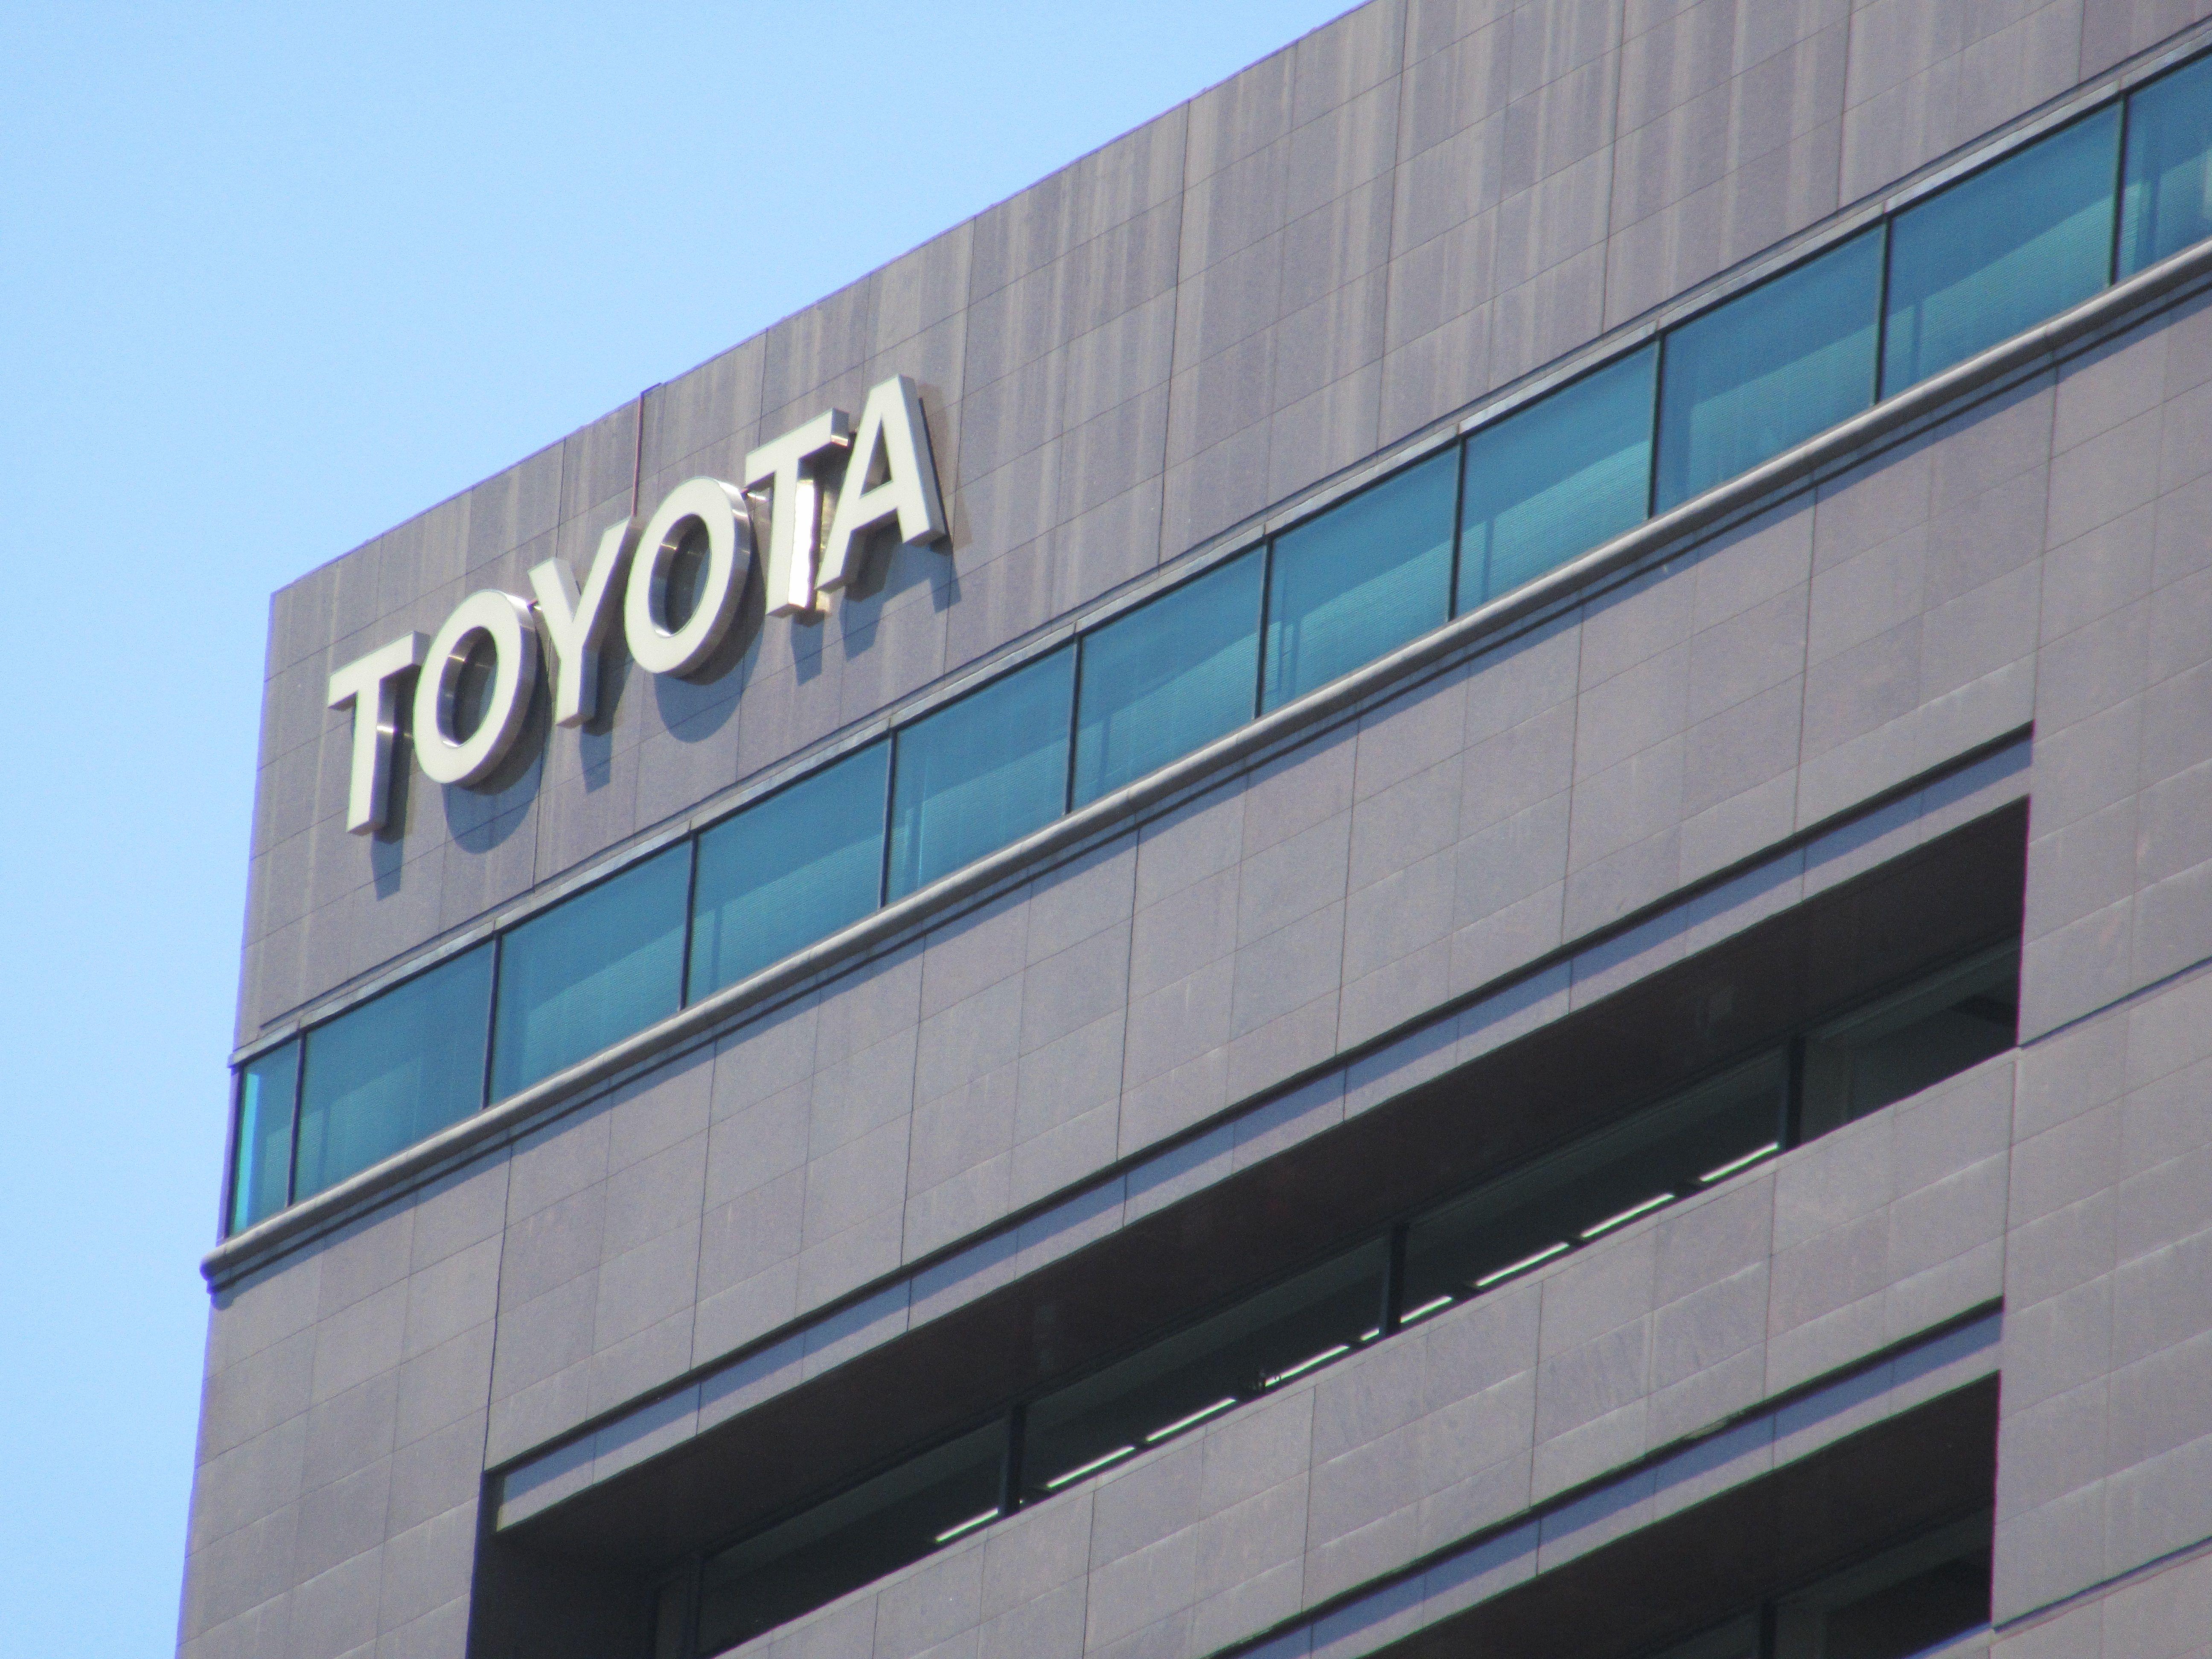 トヨタ 日米欧の新車販売好調で当期利益が過去最高 2019年4-9月期決算